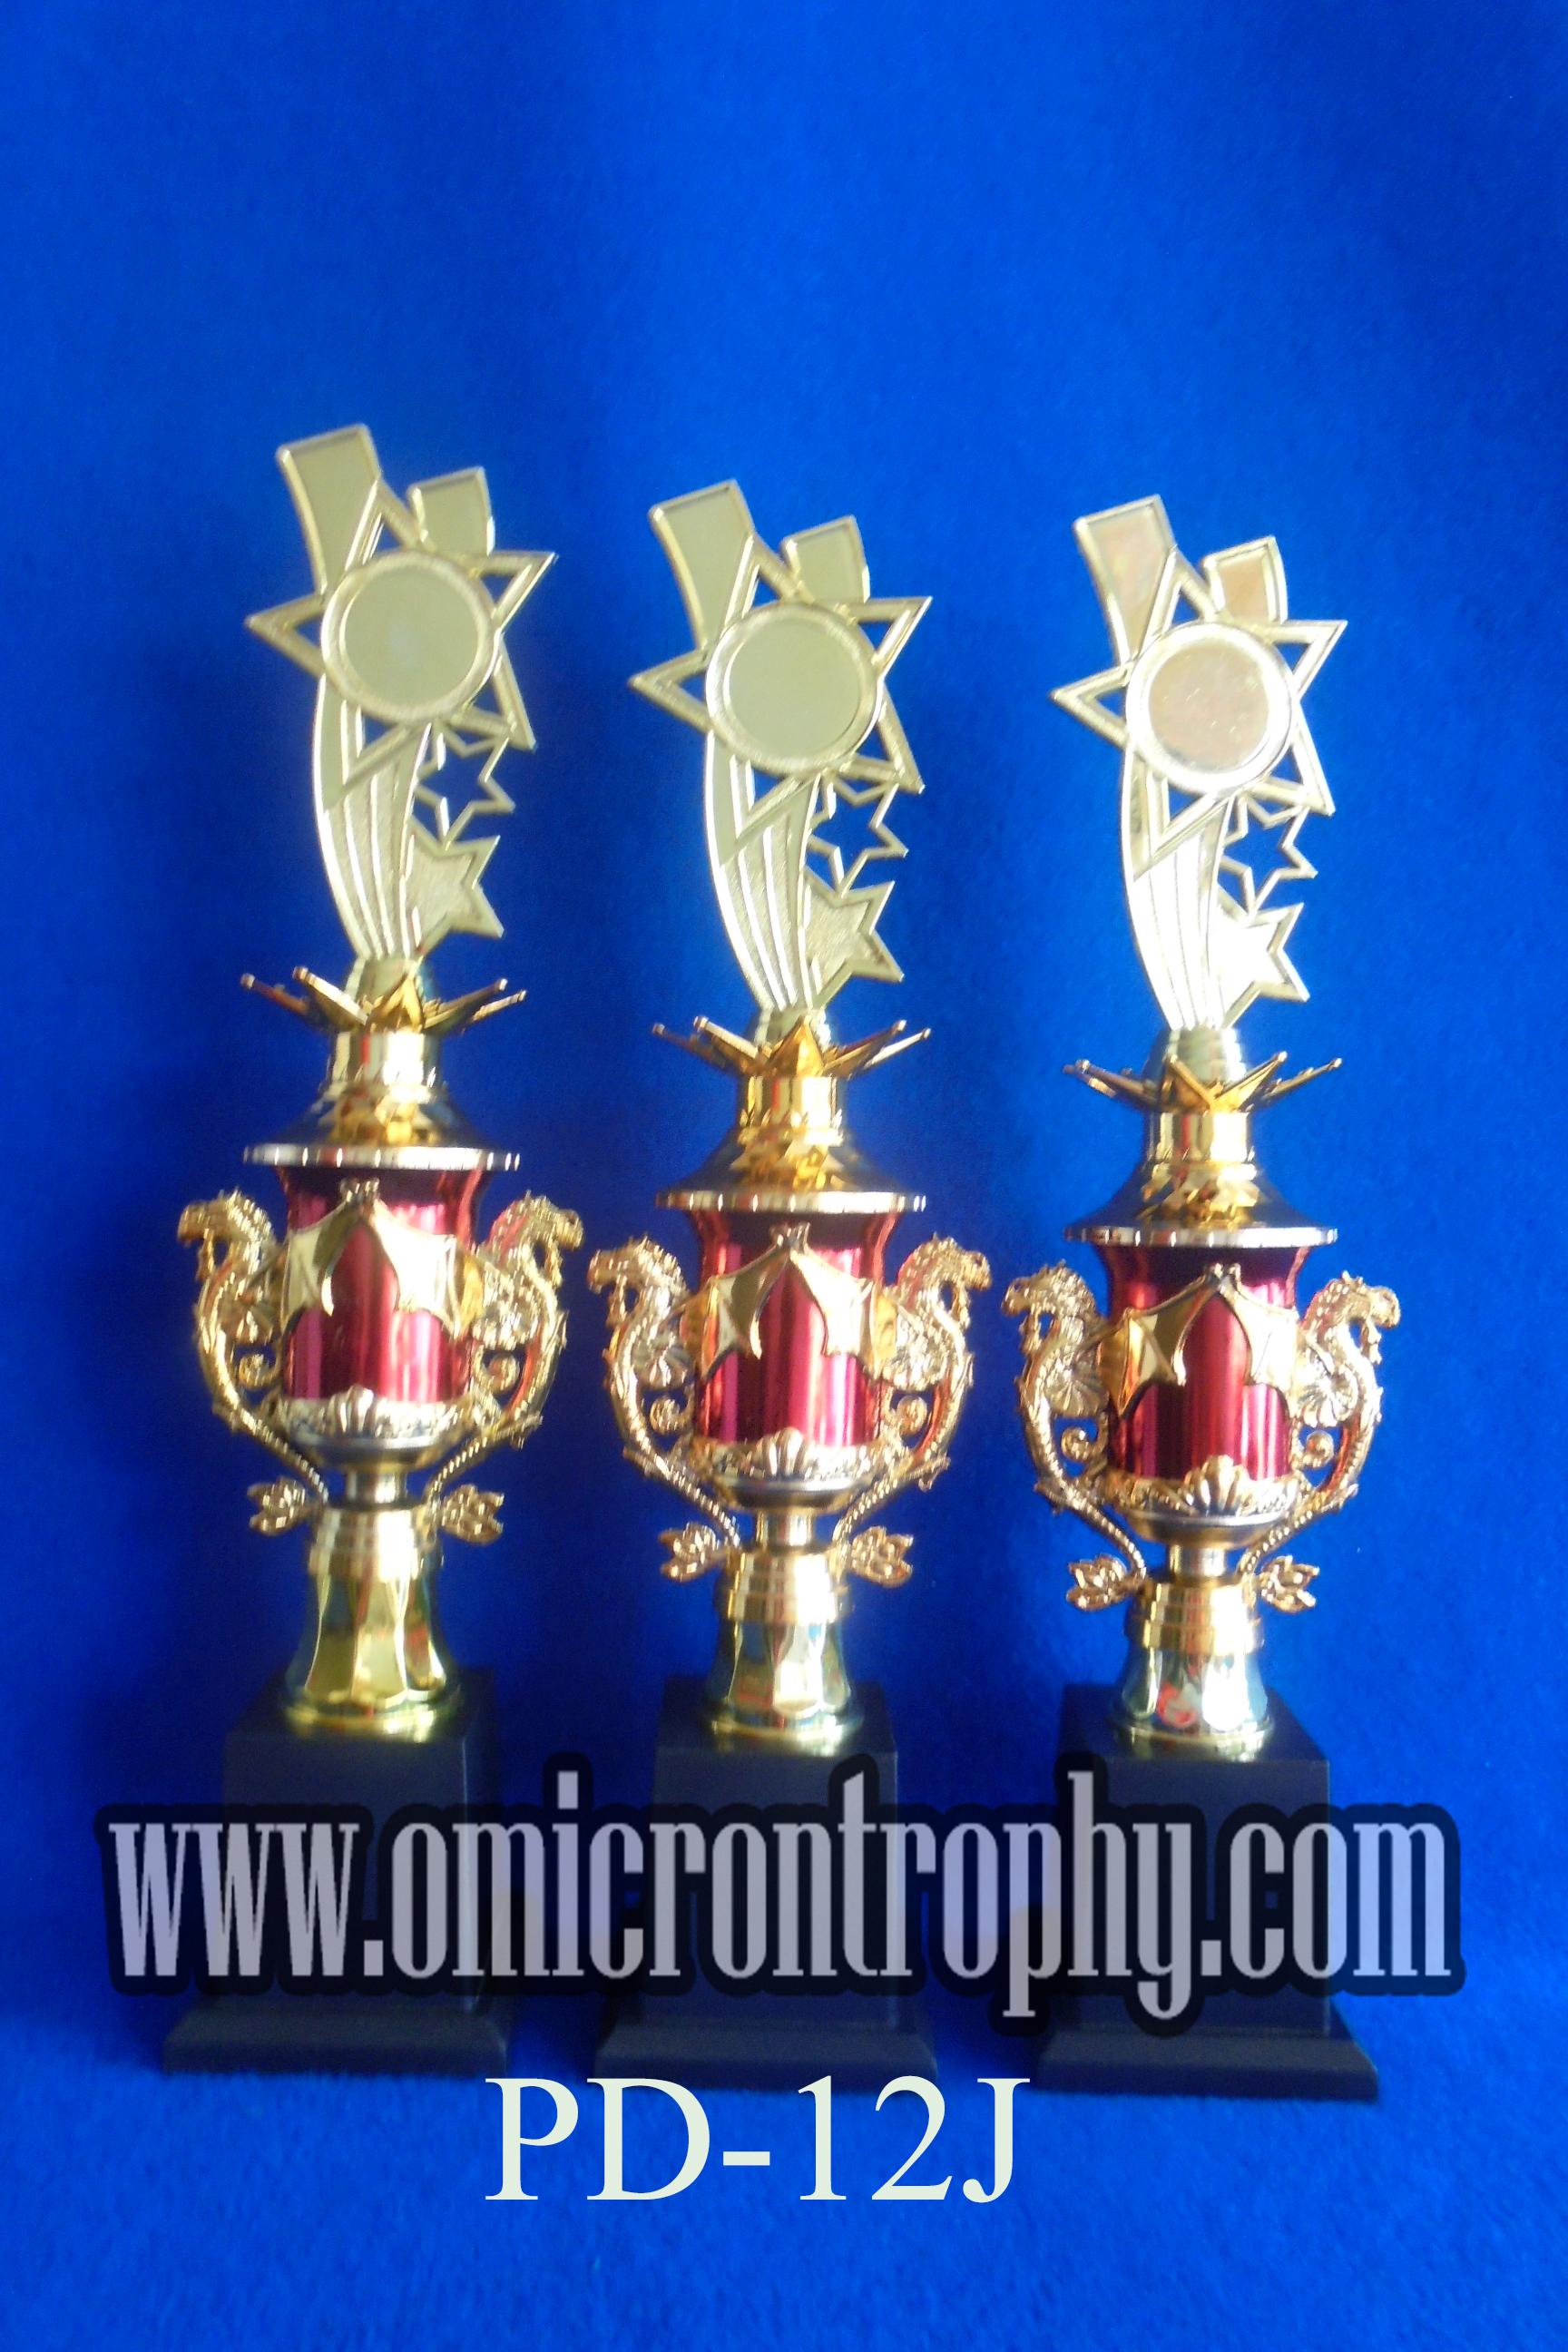 Produsen Piala Trophy Marmer Jakarta